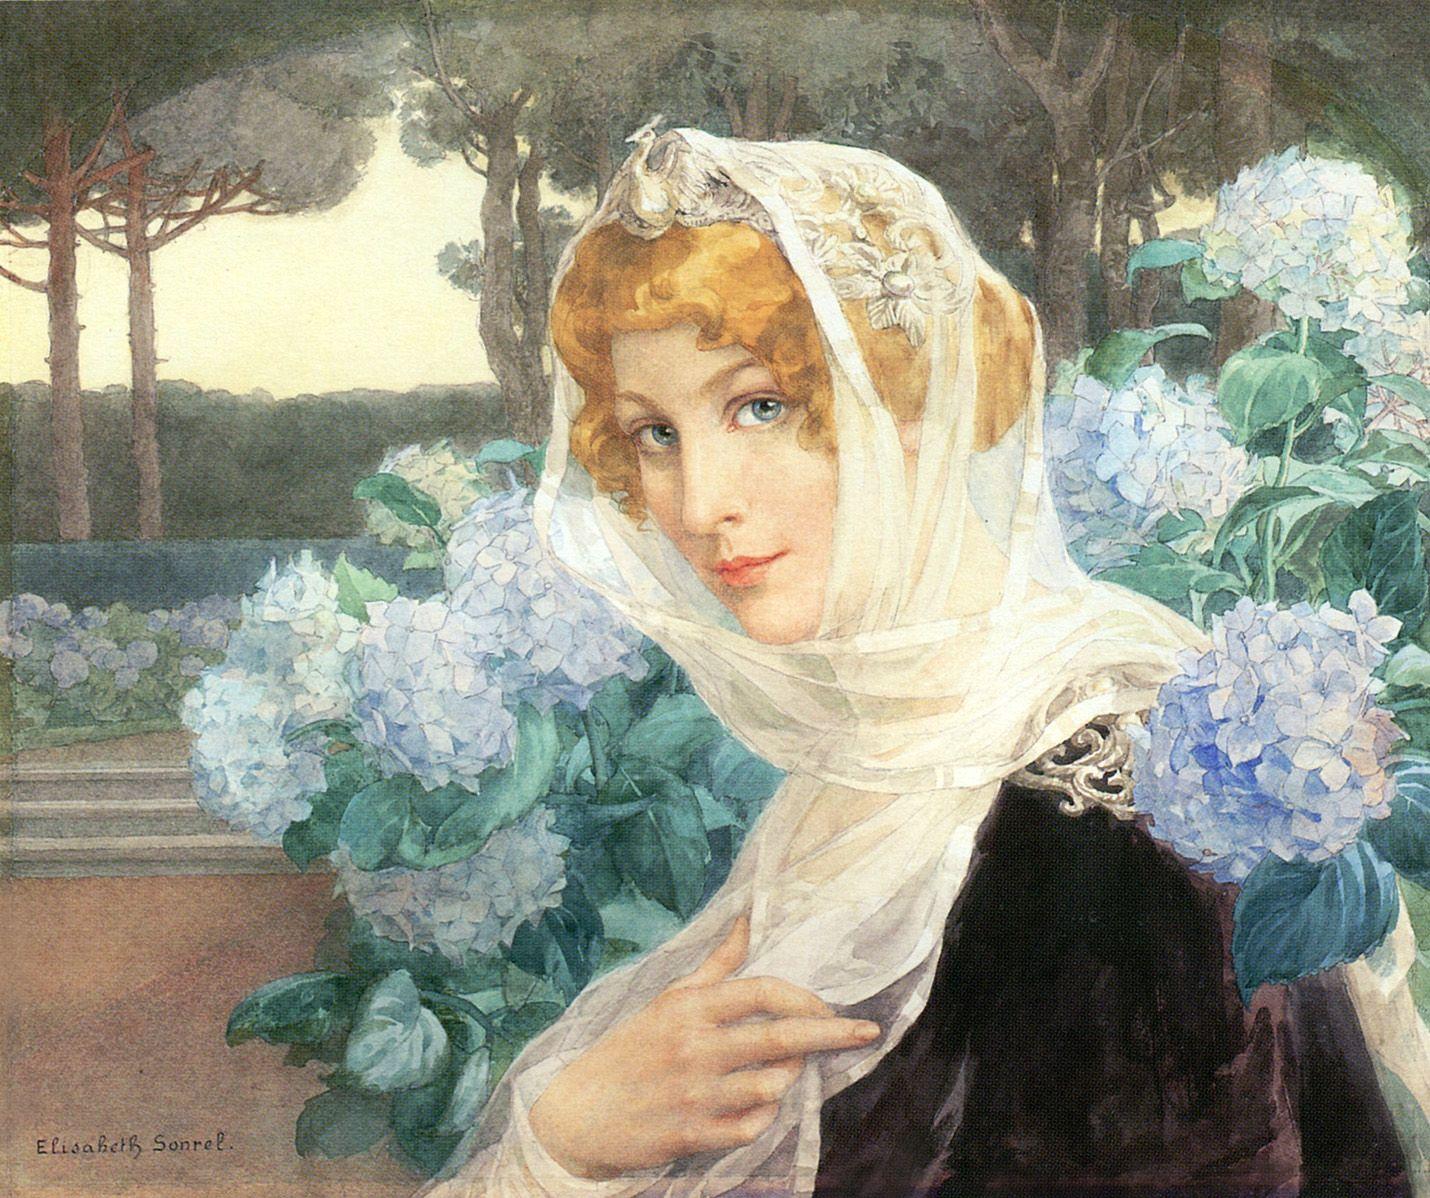 Elisabeth Sonrel (French, 1874-1953)